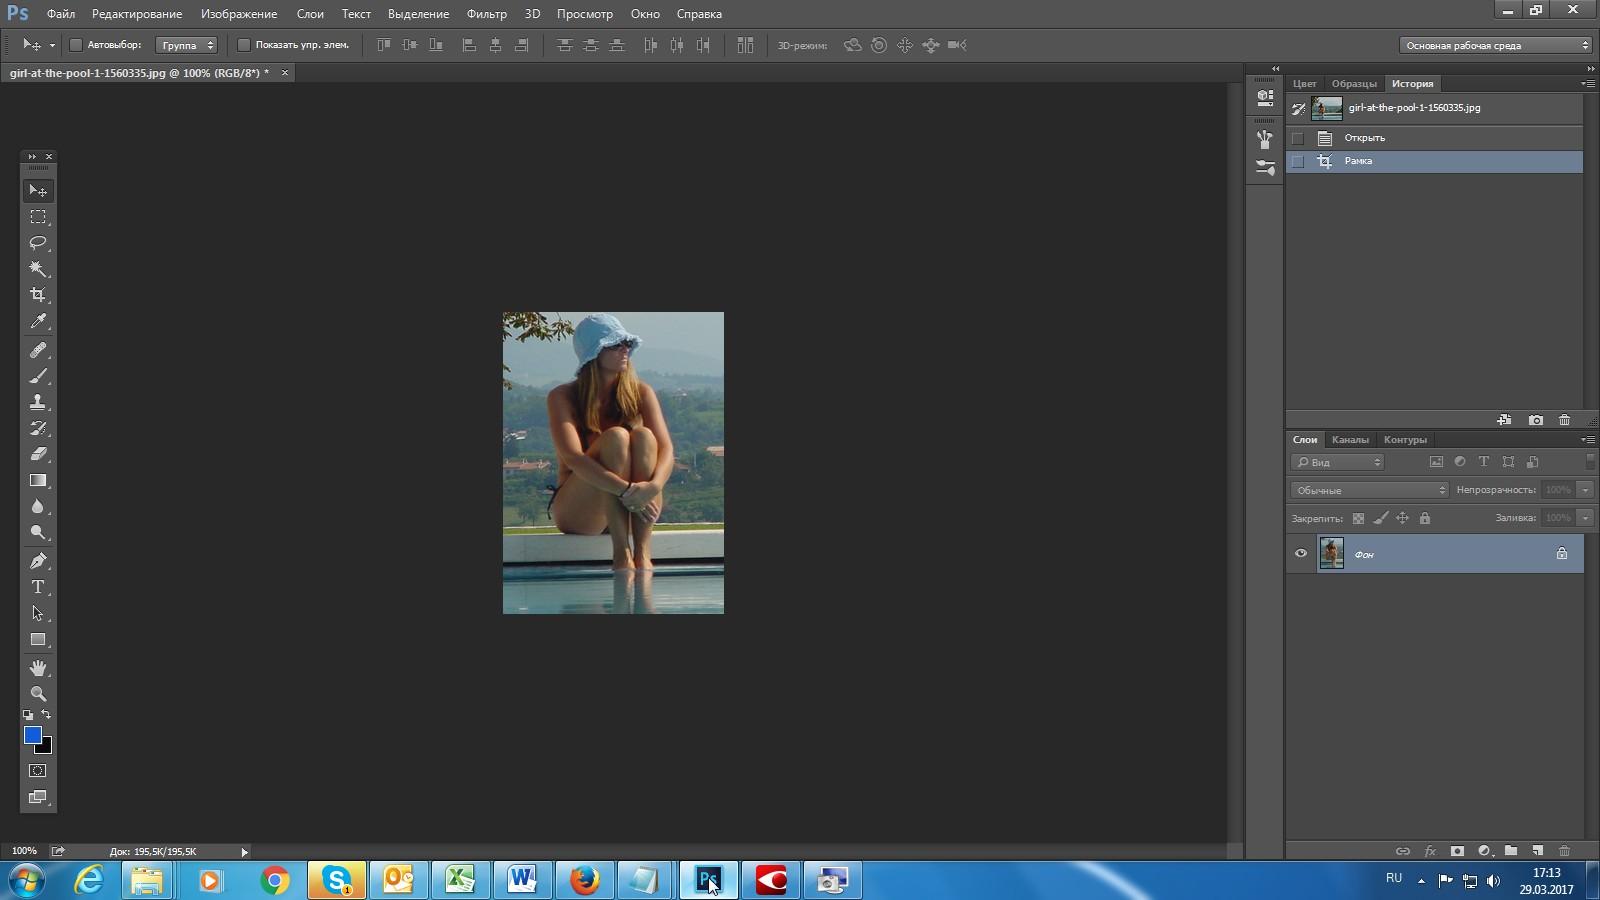 Как обрезать фото и сделать ее меньше